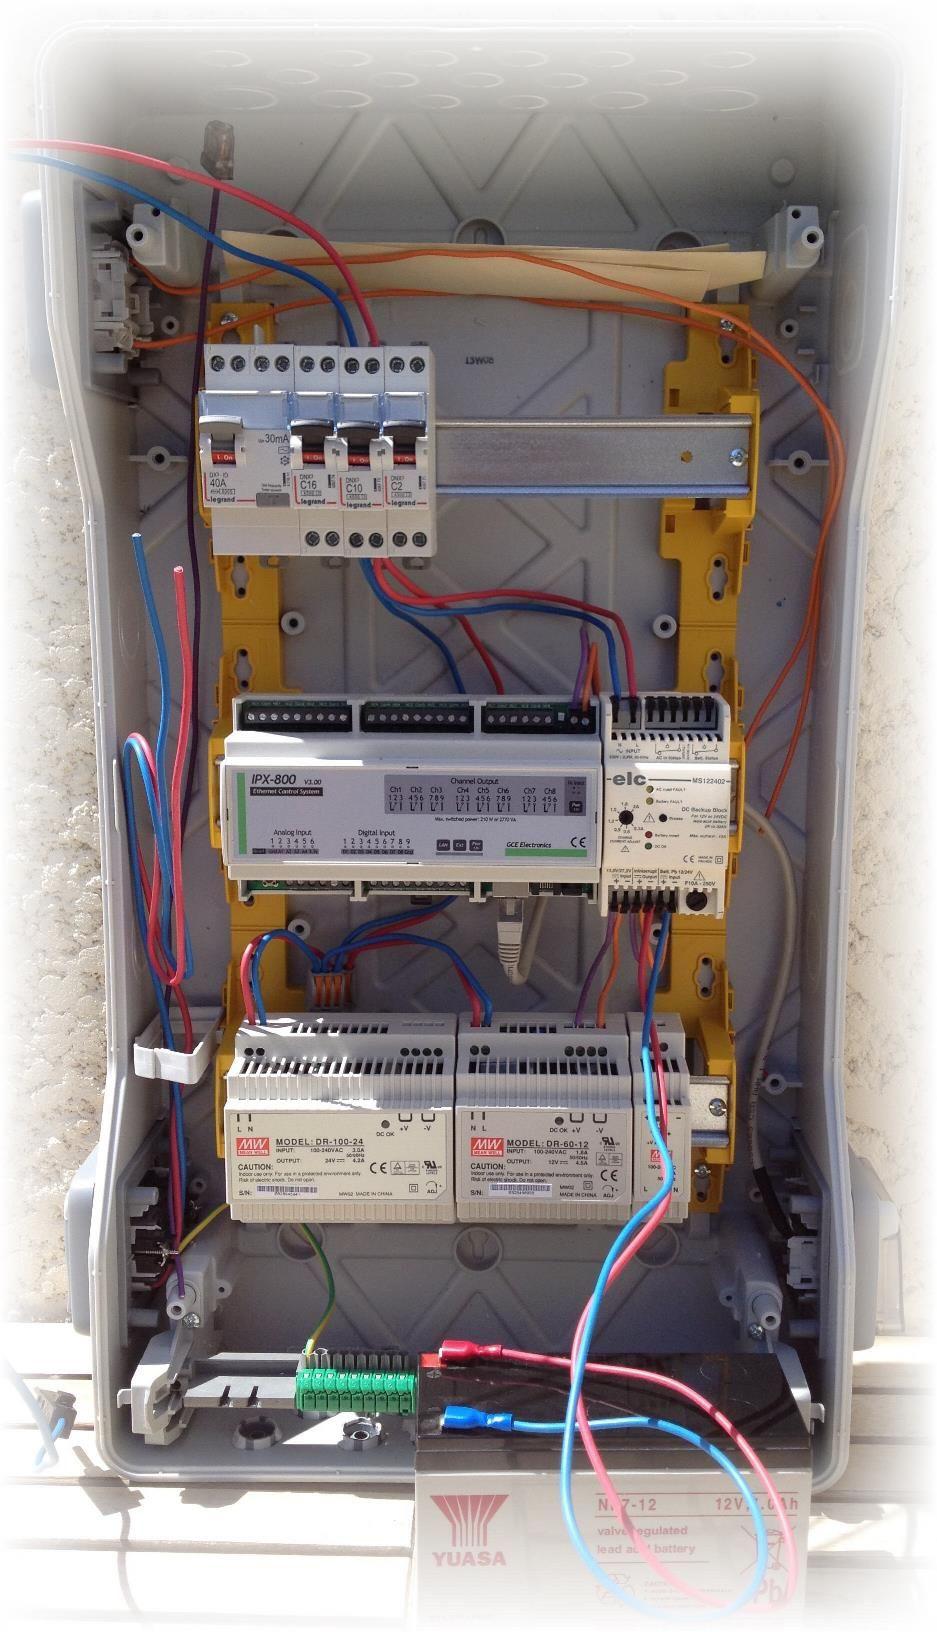 Introduction pourquoi un article sur l int gration d une carte ipx800 dans un tableau lectrique - Monter un tableau electrique ...